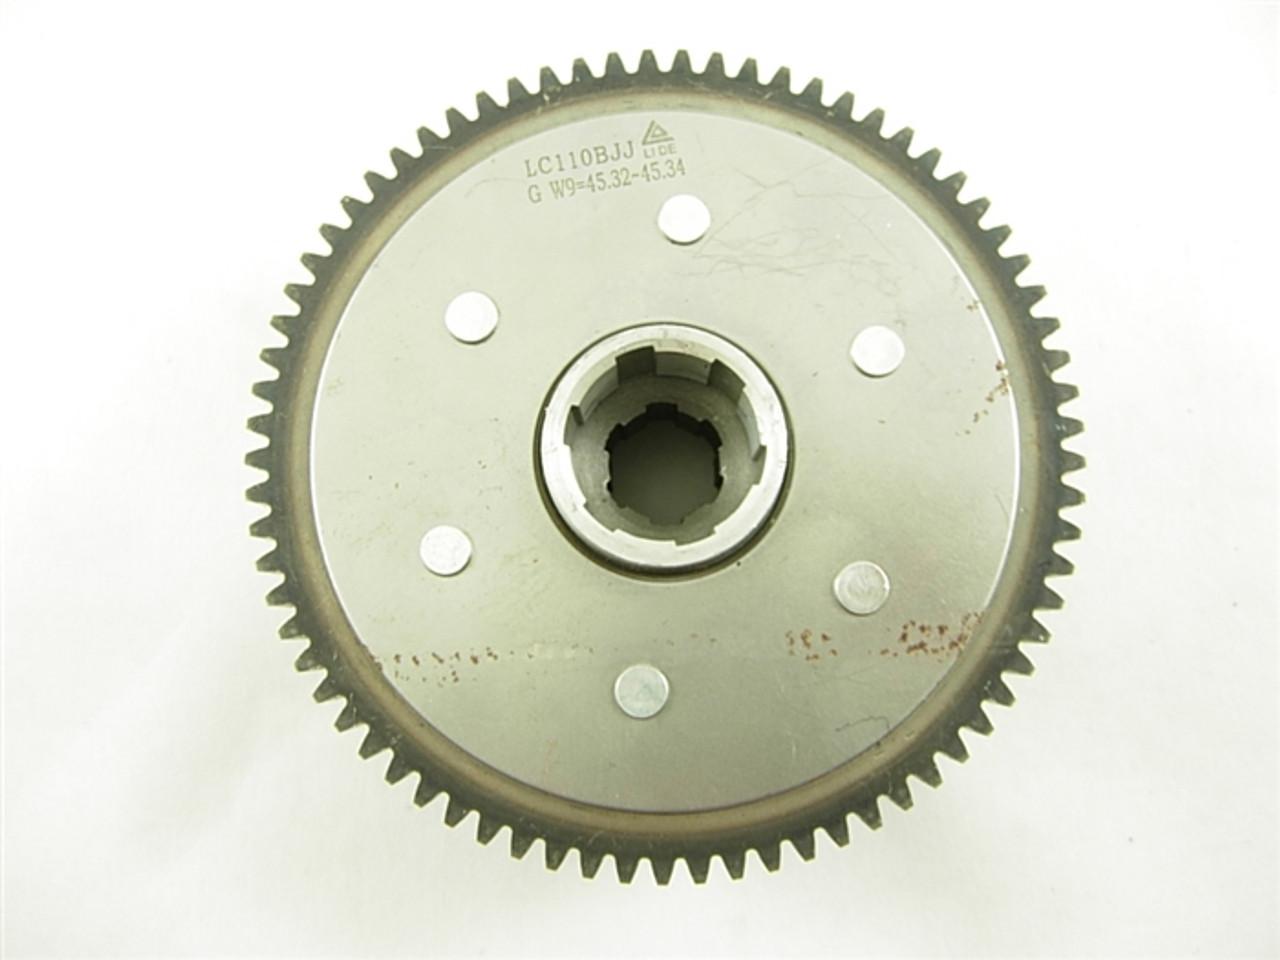 clutch 13294-a183-18